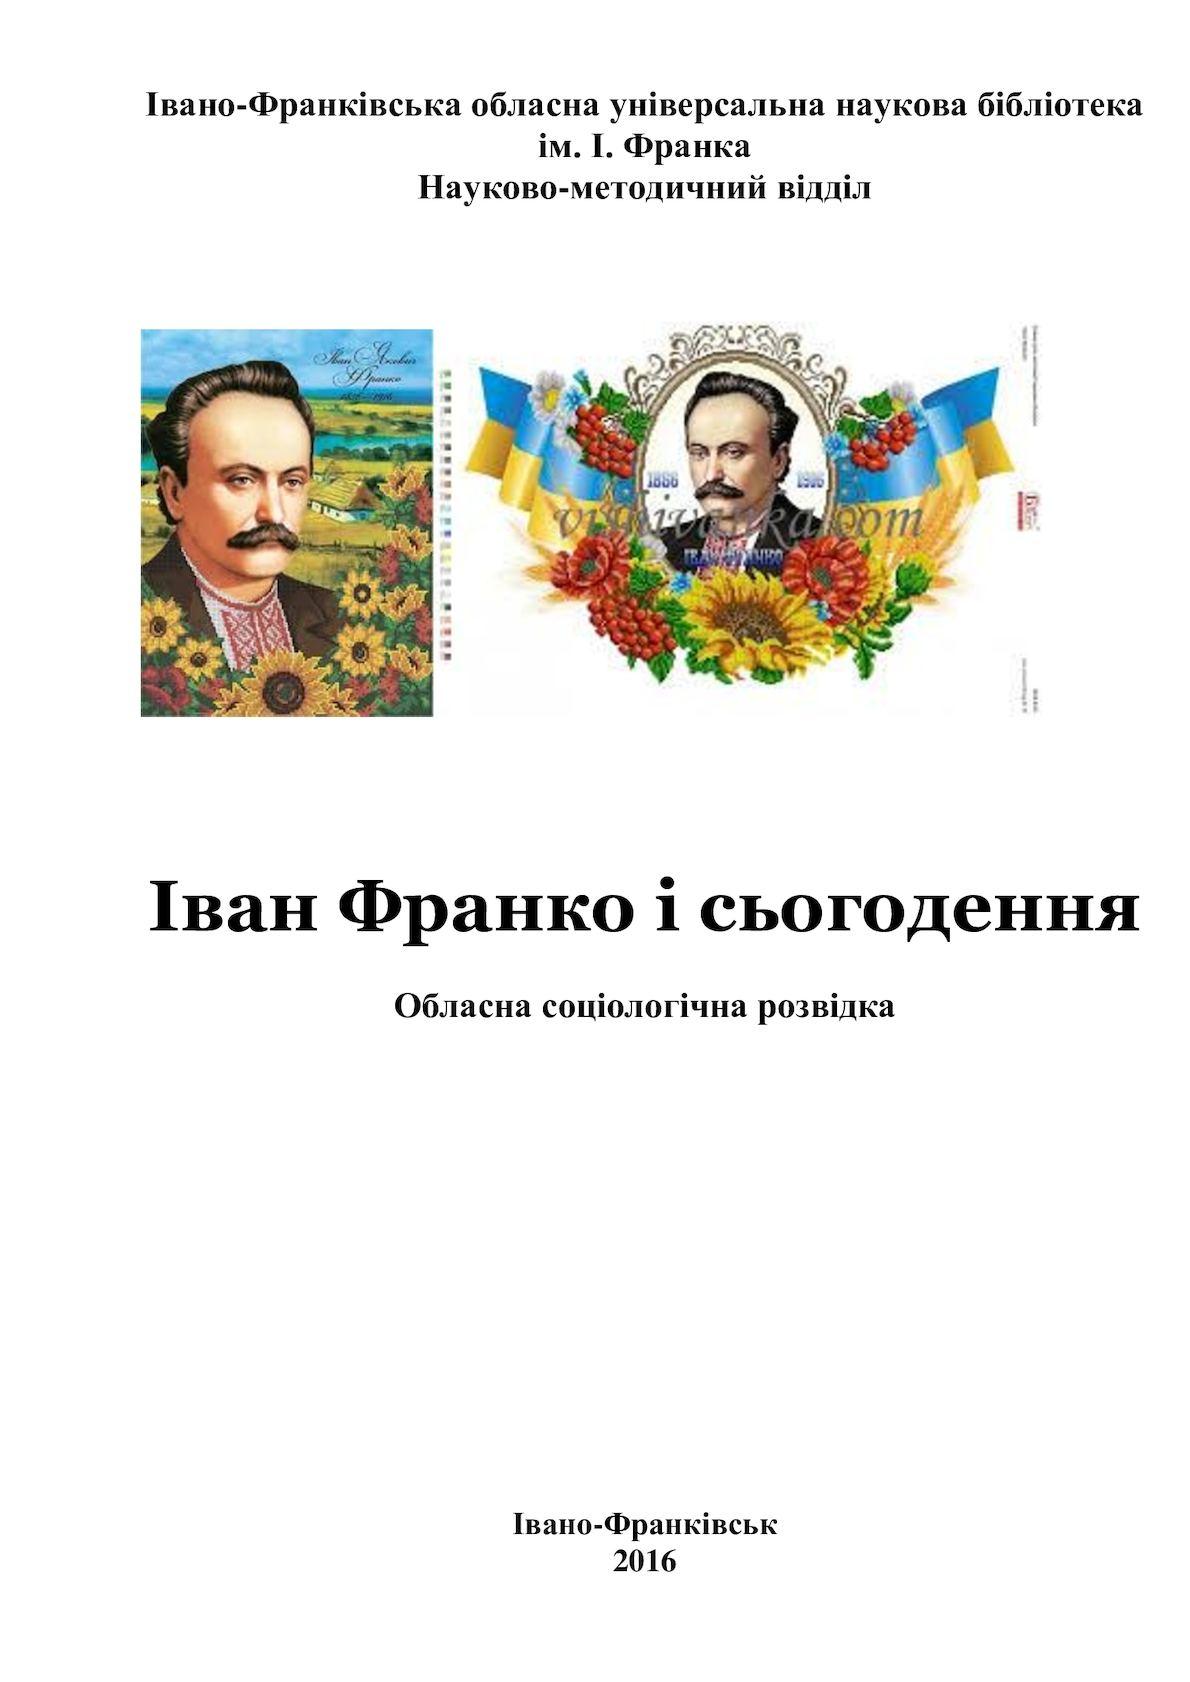 Іван Франко і сьогодення. Обласна соціологічна розвідка